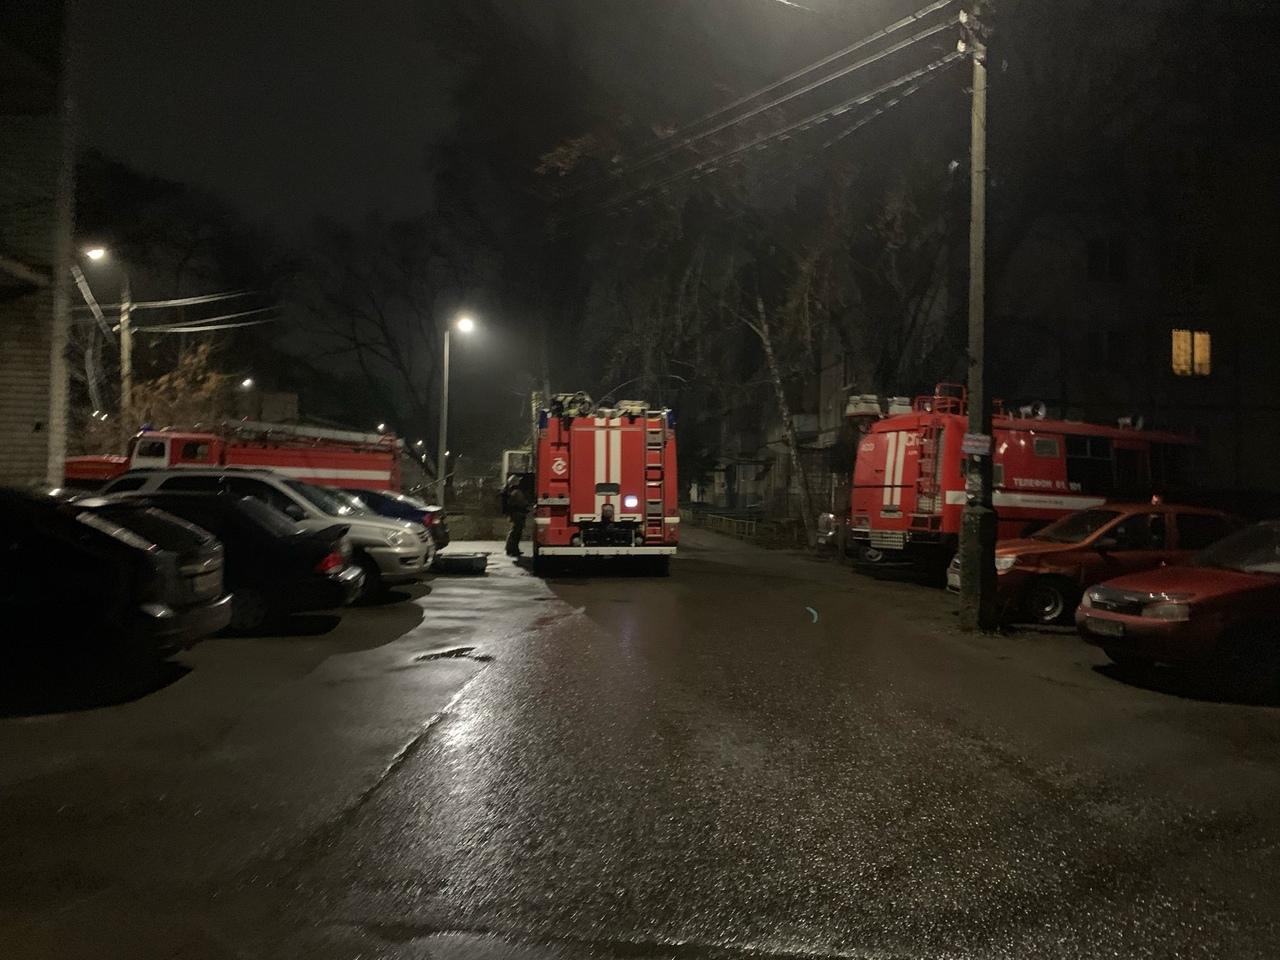 Огнеборцы спасли 13 человек из горящей многоэтажки в Курске